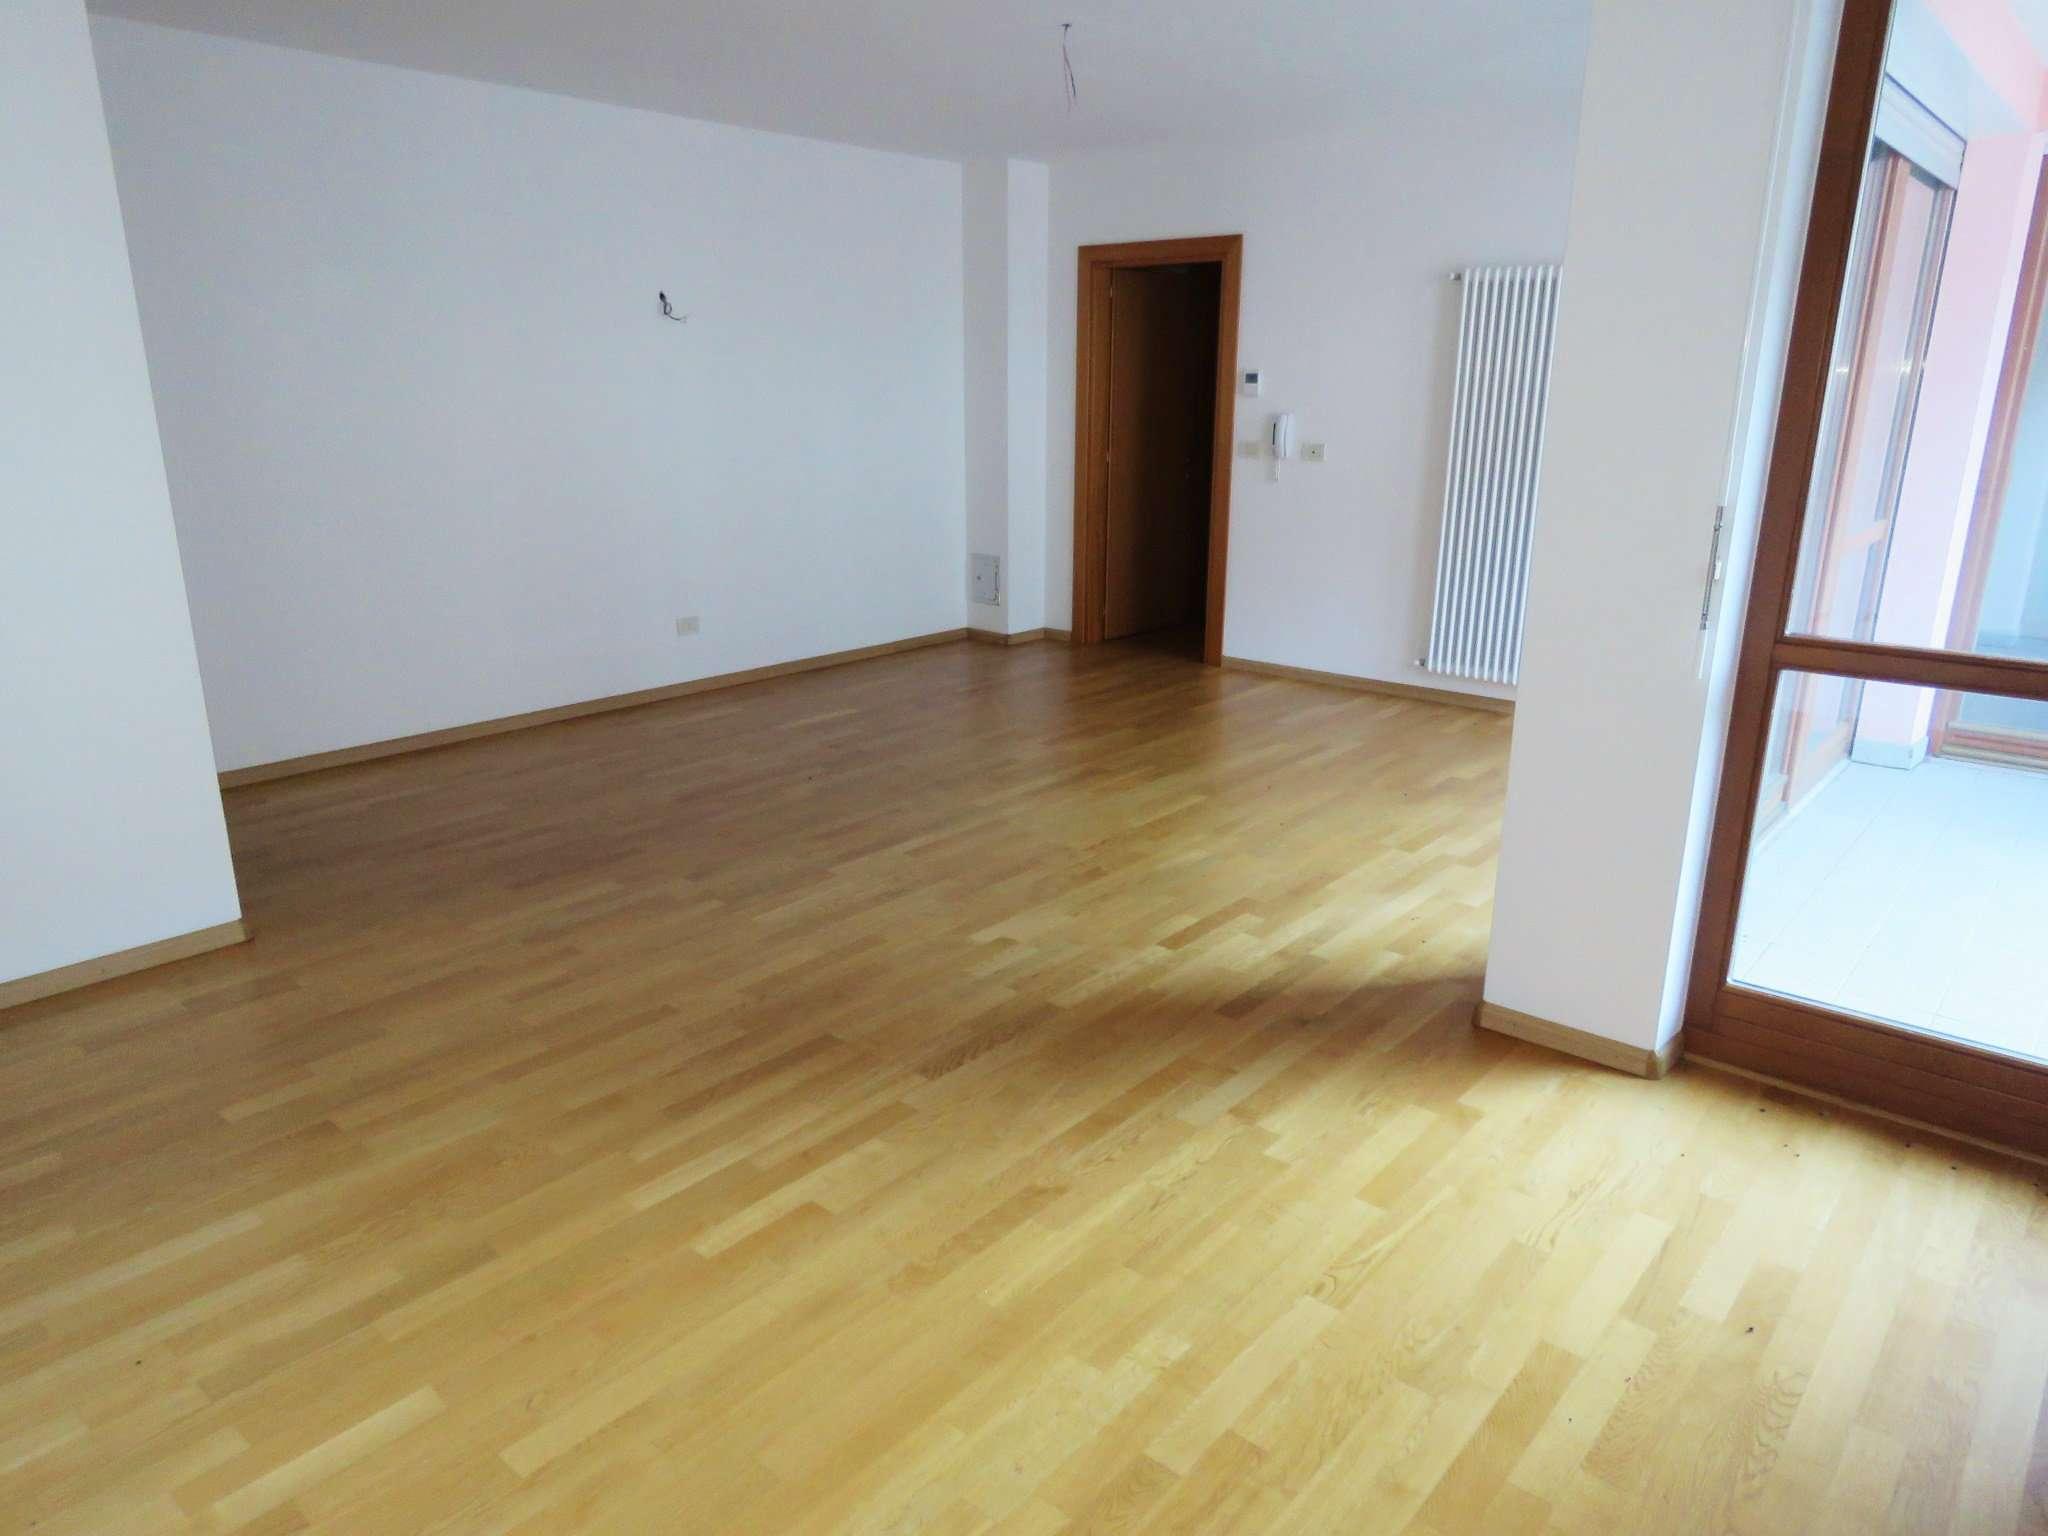 Appartamento in vendita a Termeno sulla Strada del Vino, 2 locali, prezzo € 217.000 | Cambio Casa.it